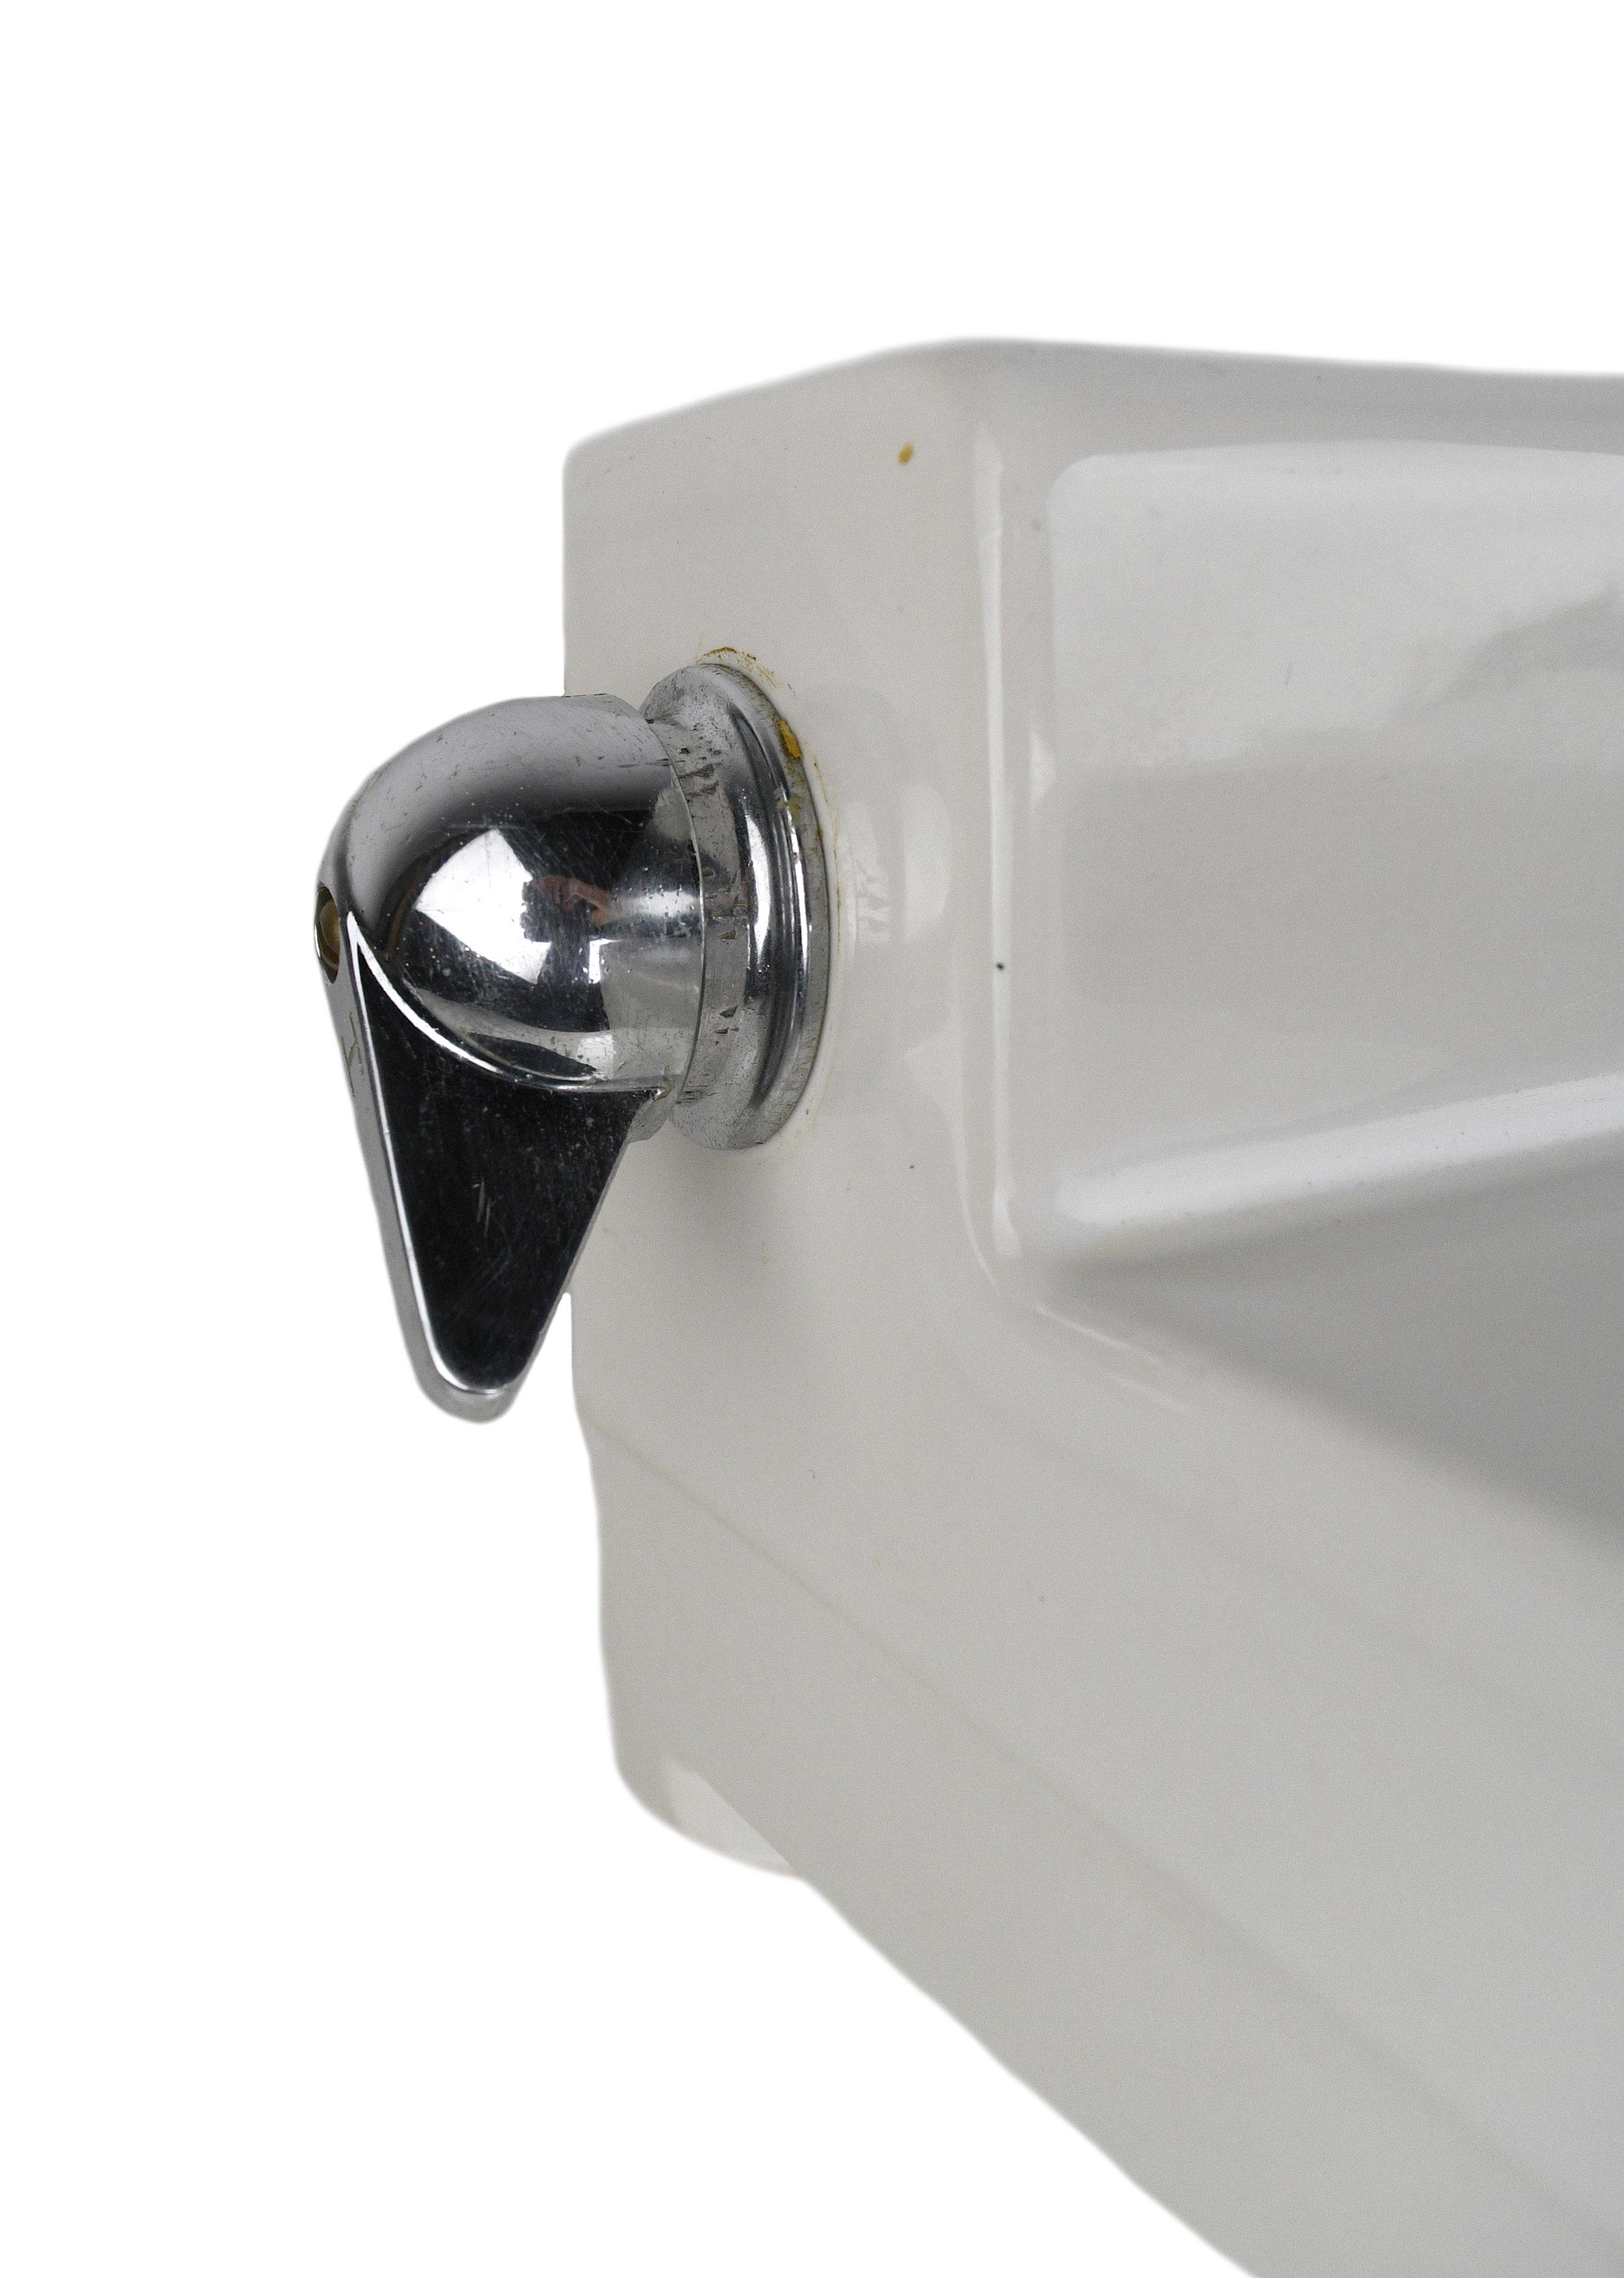 petite-sink-4.jpg